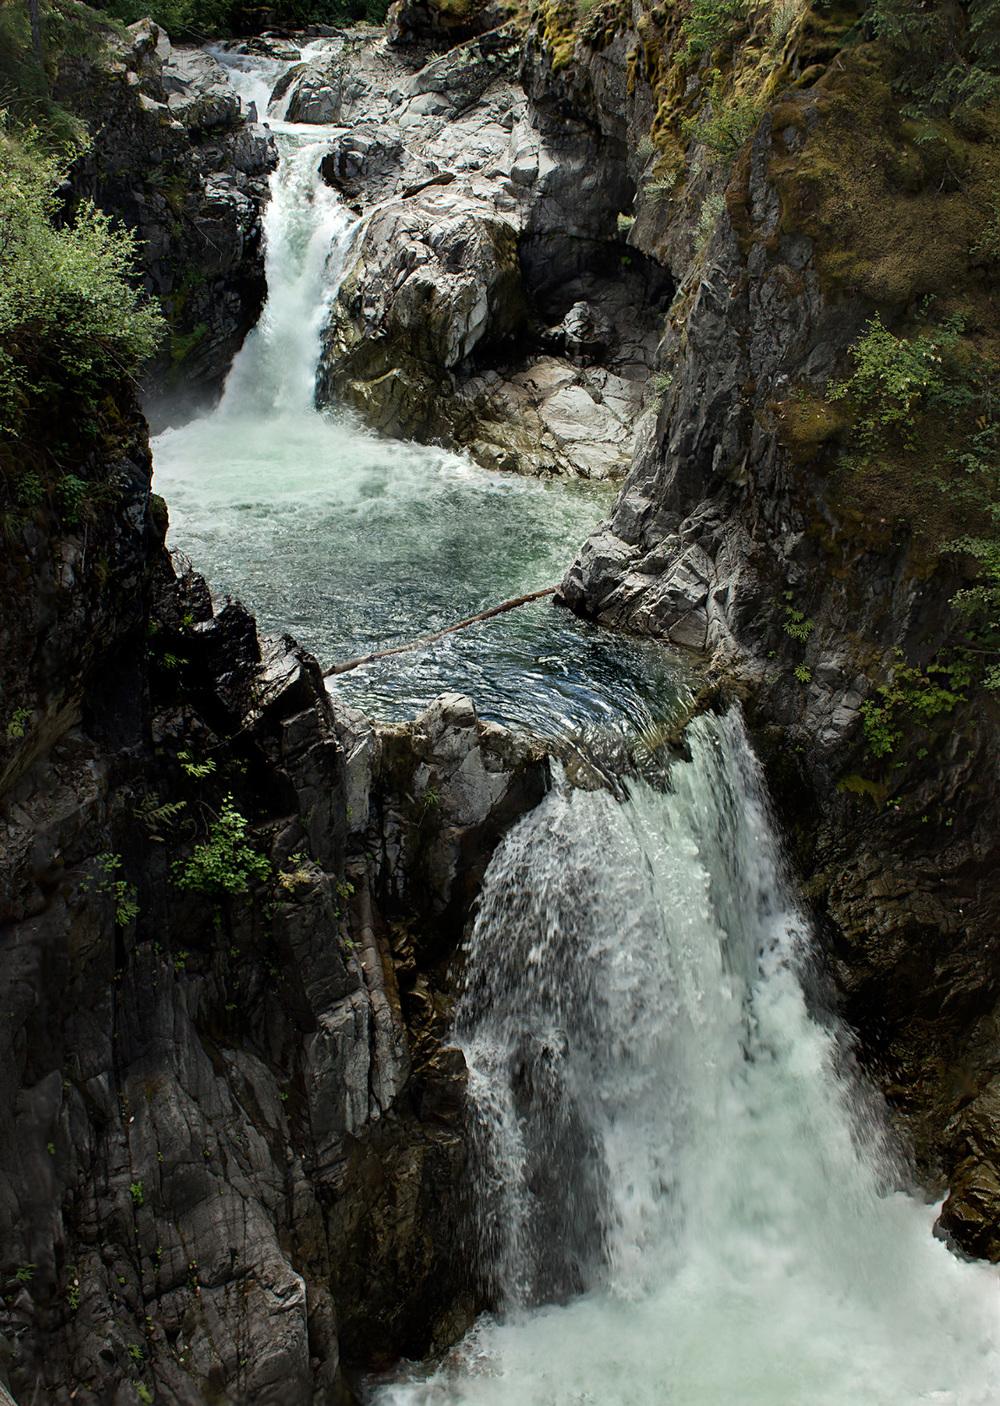 Upper Qualicum Falls